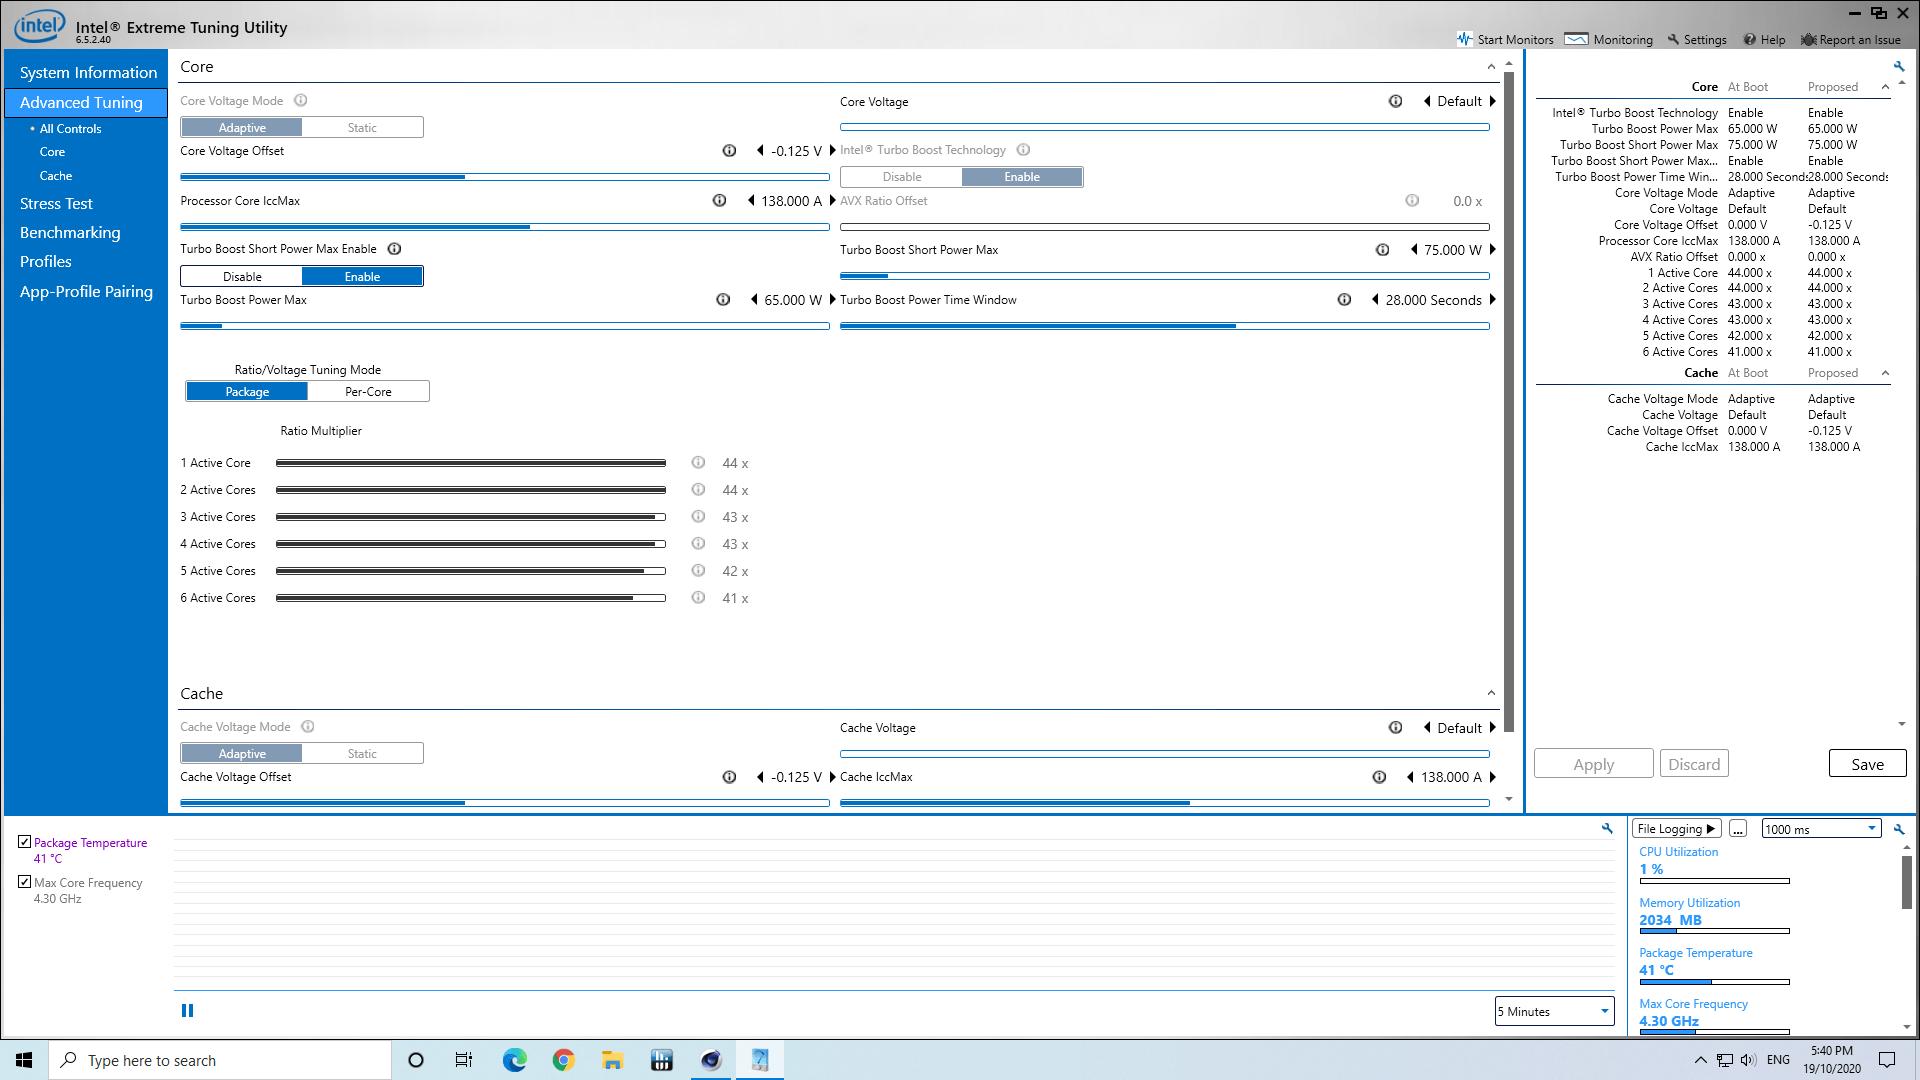 windows intel xtu (extreme tuning utility)